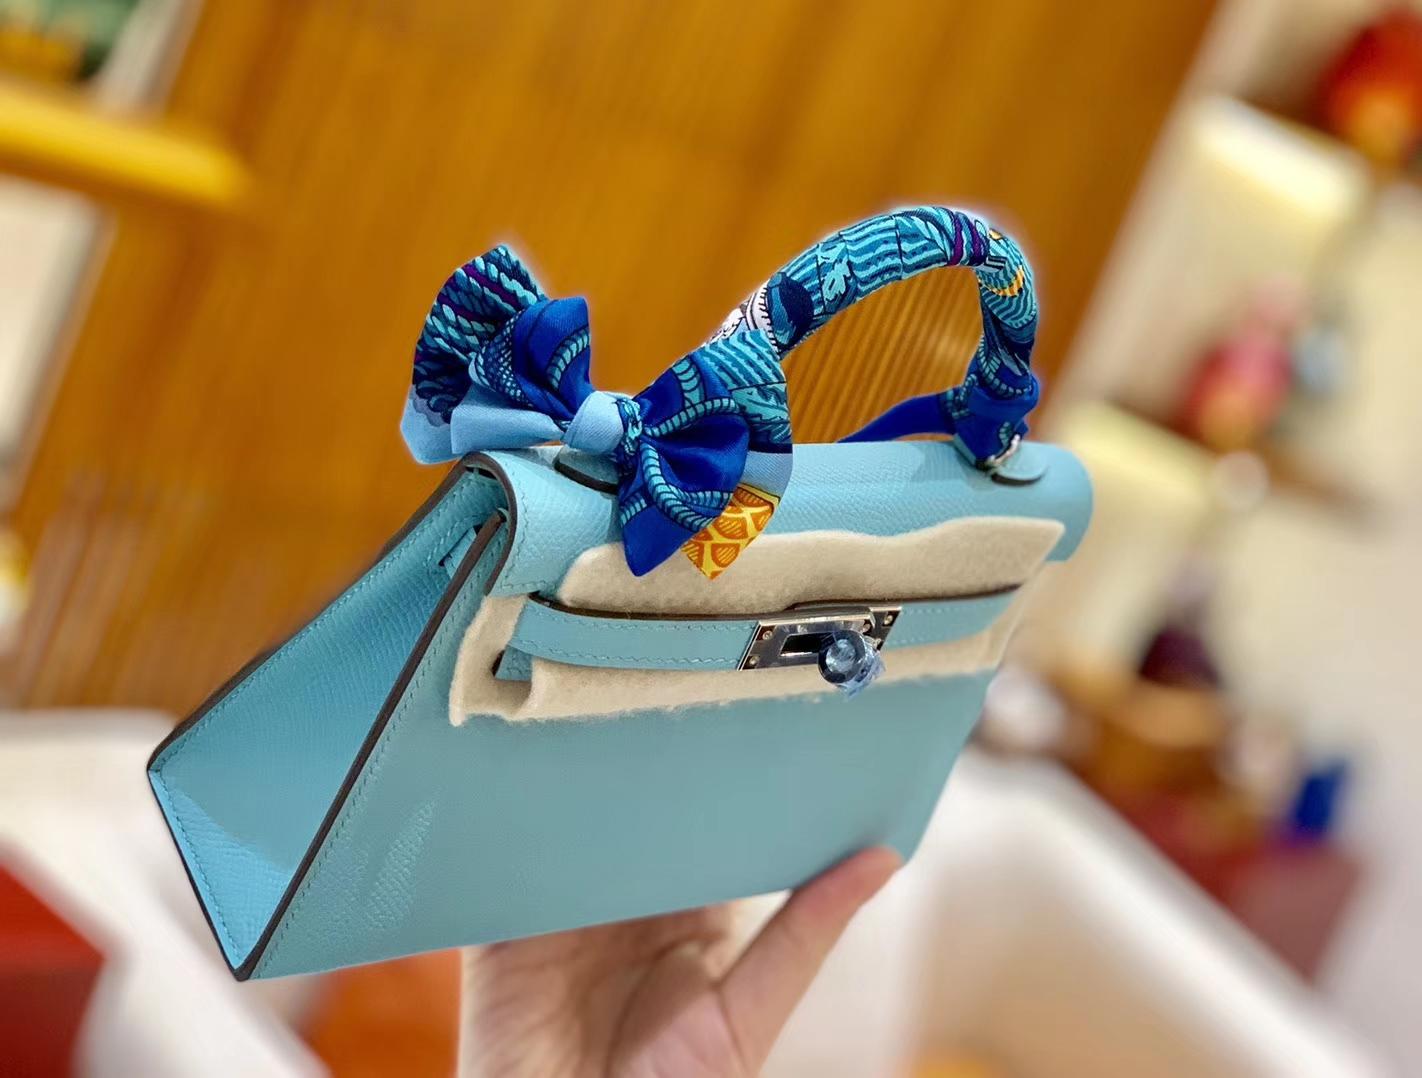 Hermès(爱马仕)Mini kelly 迷你凯莉 新增现货 微风蓝 掌纹小牛皮 臻品级别 银扣 19cm